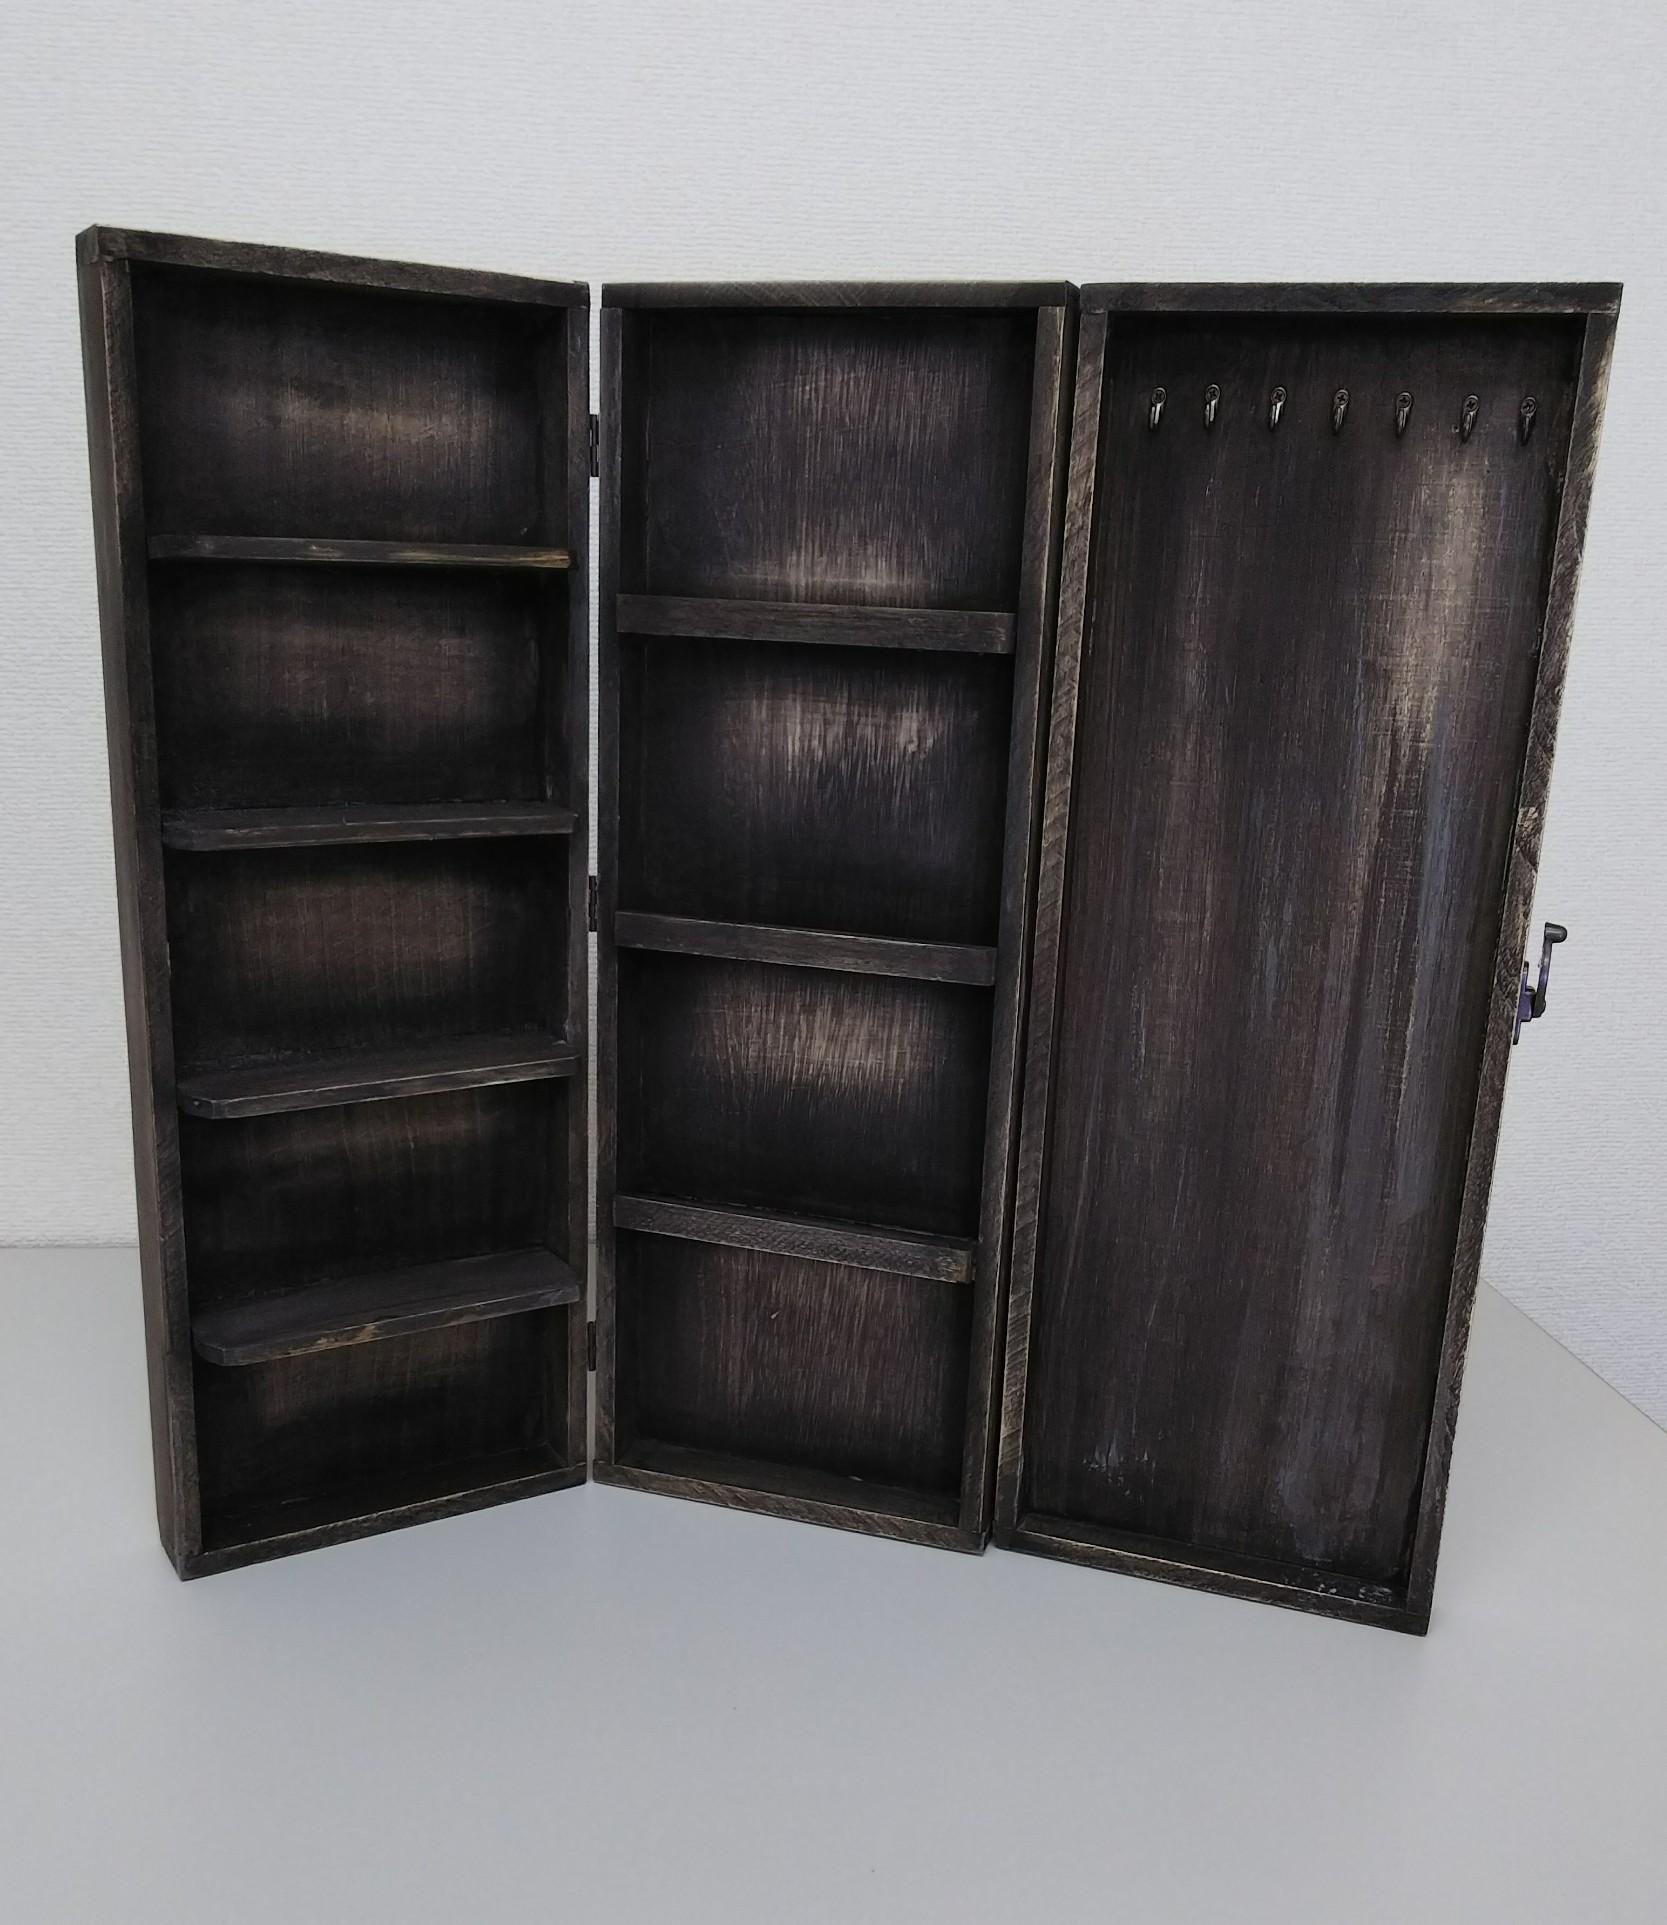 シャビシャビーアクセサリーbox3